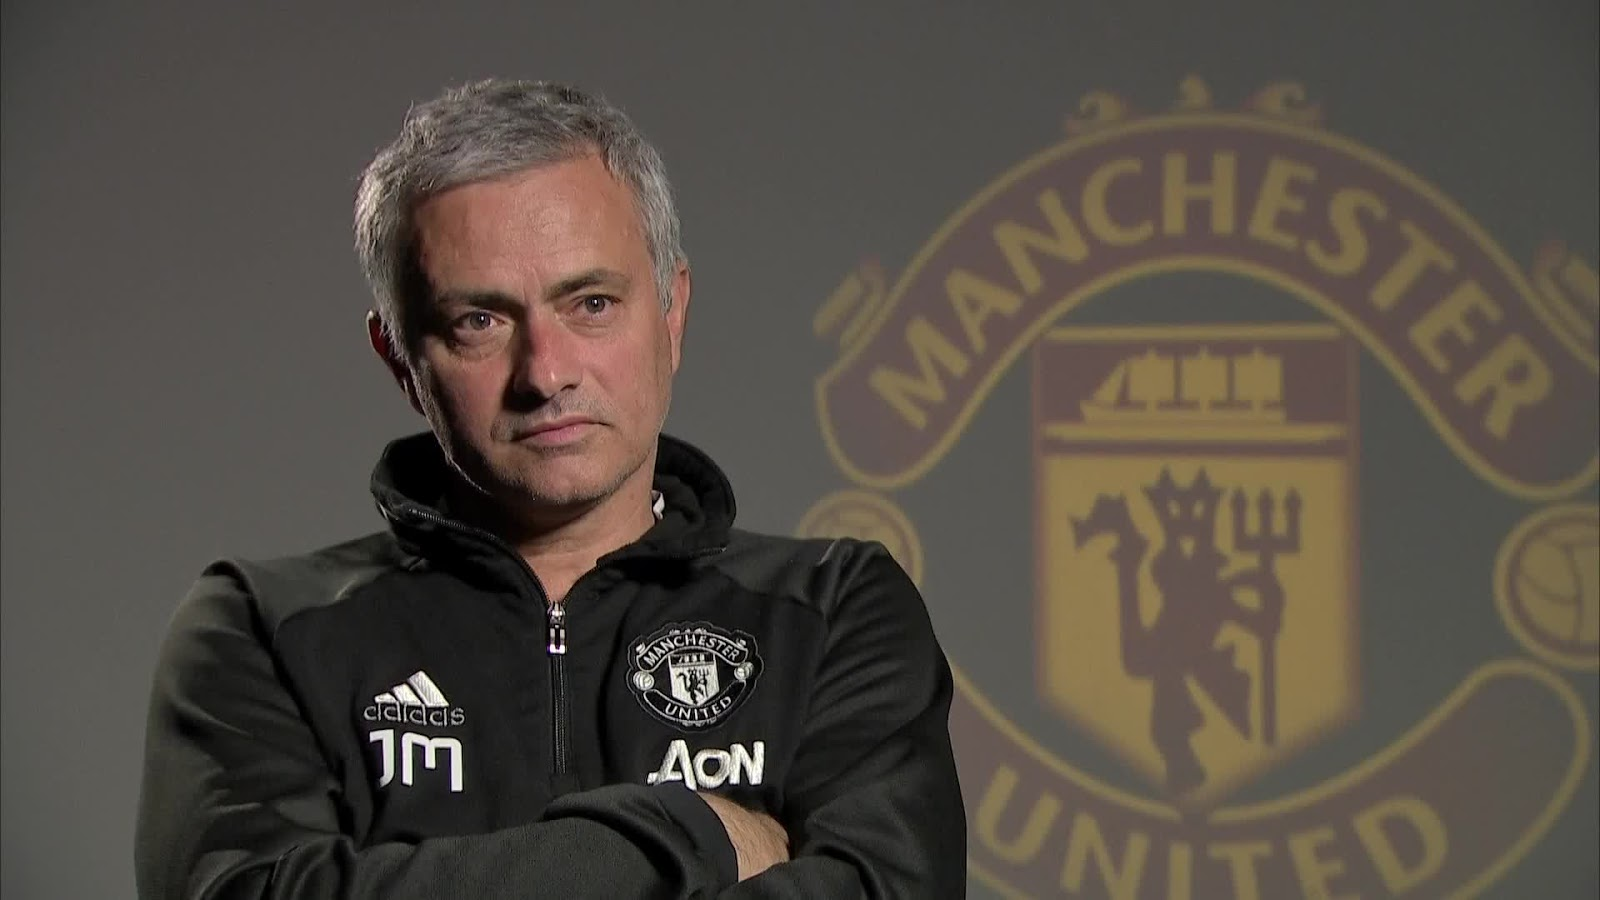 Firasat Mourinho, Ibrahimovic Comeback di Tahun Ini Karna Kami Yakin Kami Akan Menampilkan Yang Terbaik Saat Ibrahimovic Kembali Bertanding